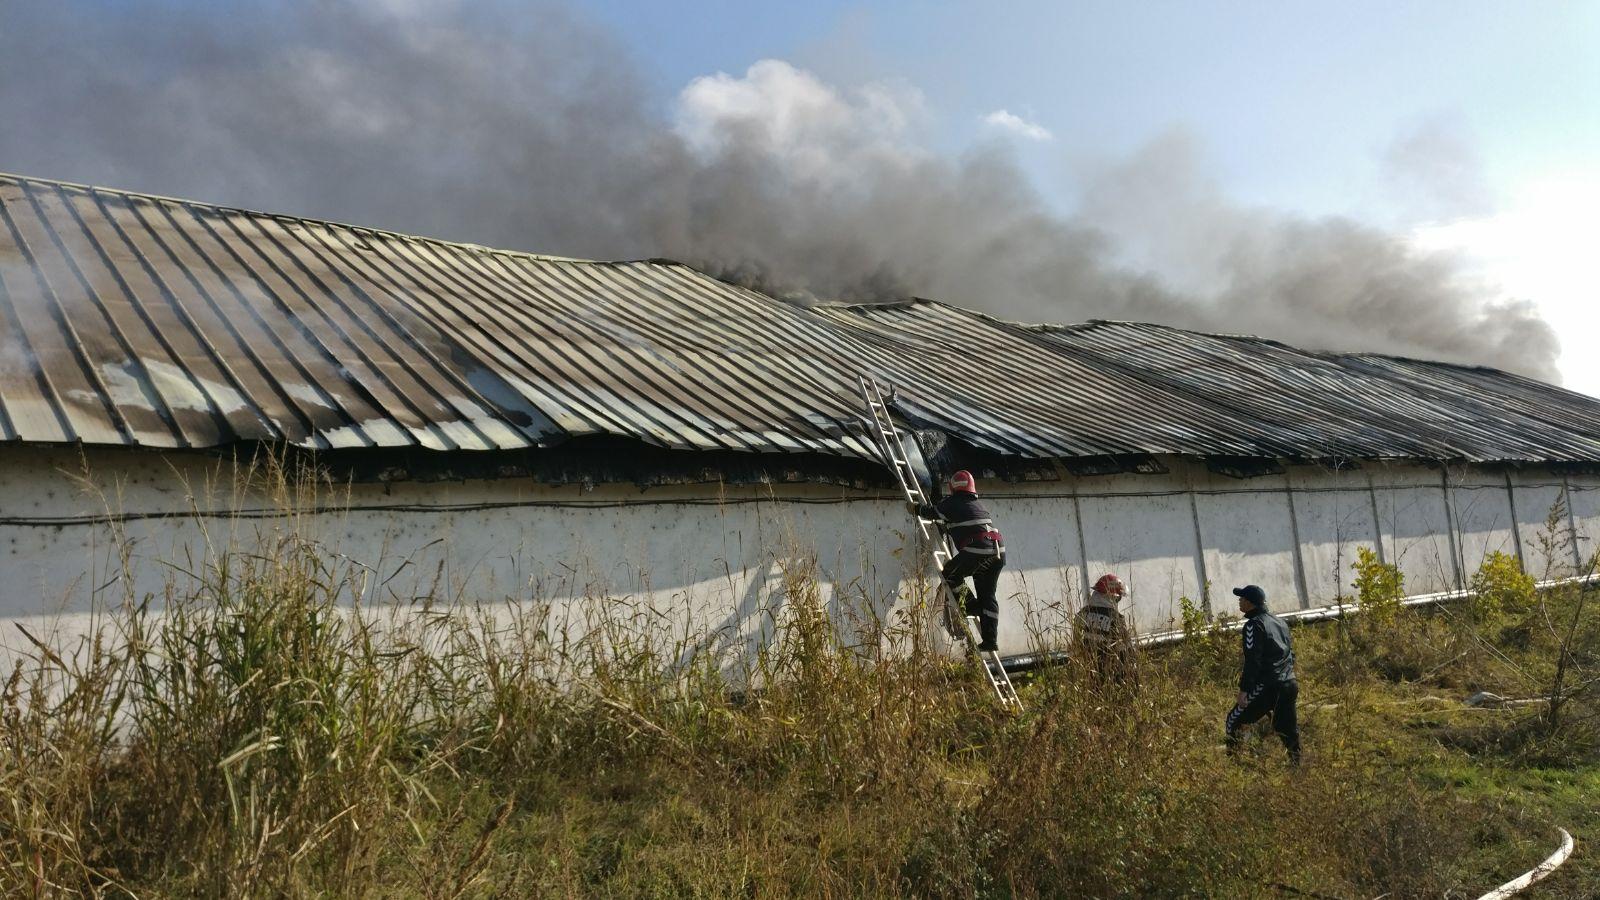 Incendiu puternic la o hală de materiale plastice - FOTO, VIDEO